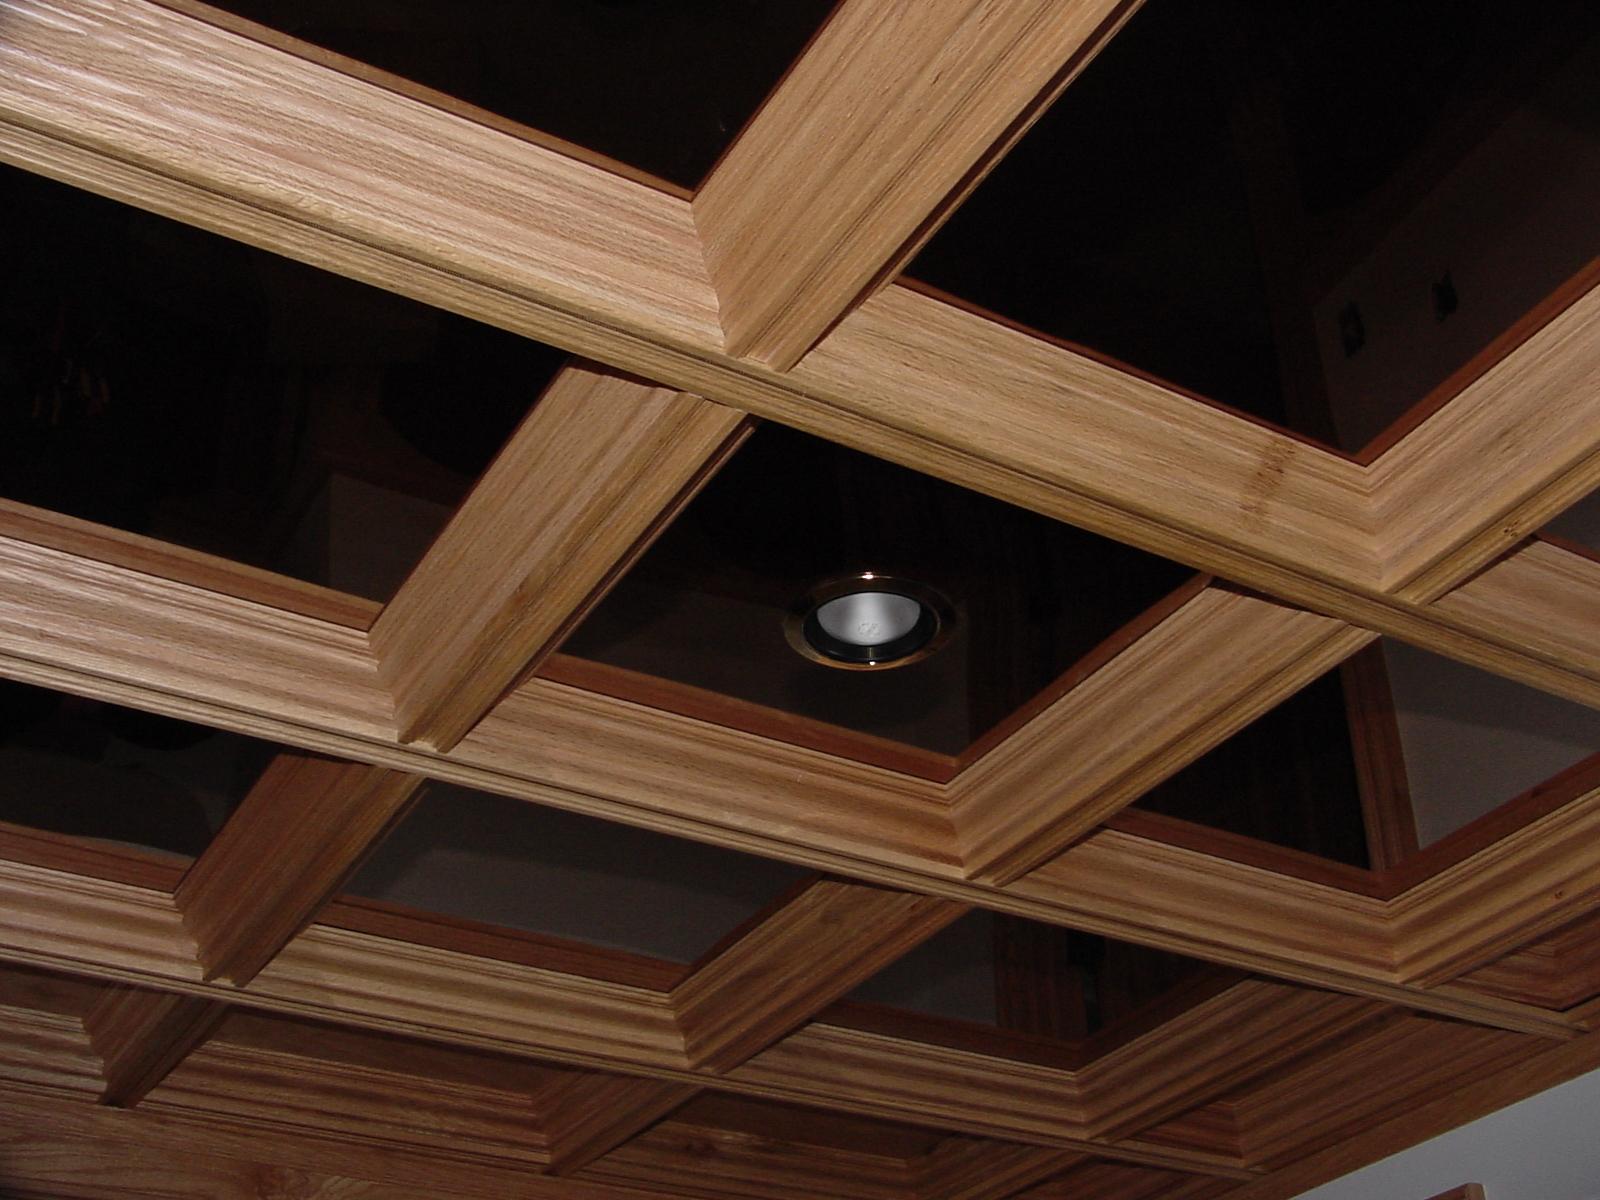 Вариантом стеклянных потолков может быть применение дерева в качестве каркаса